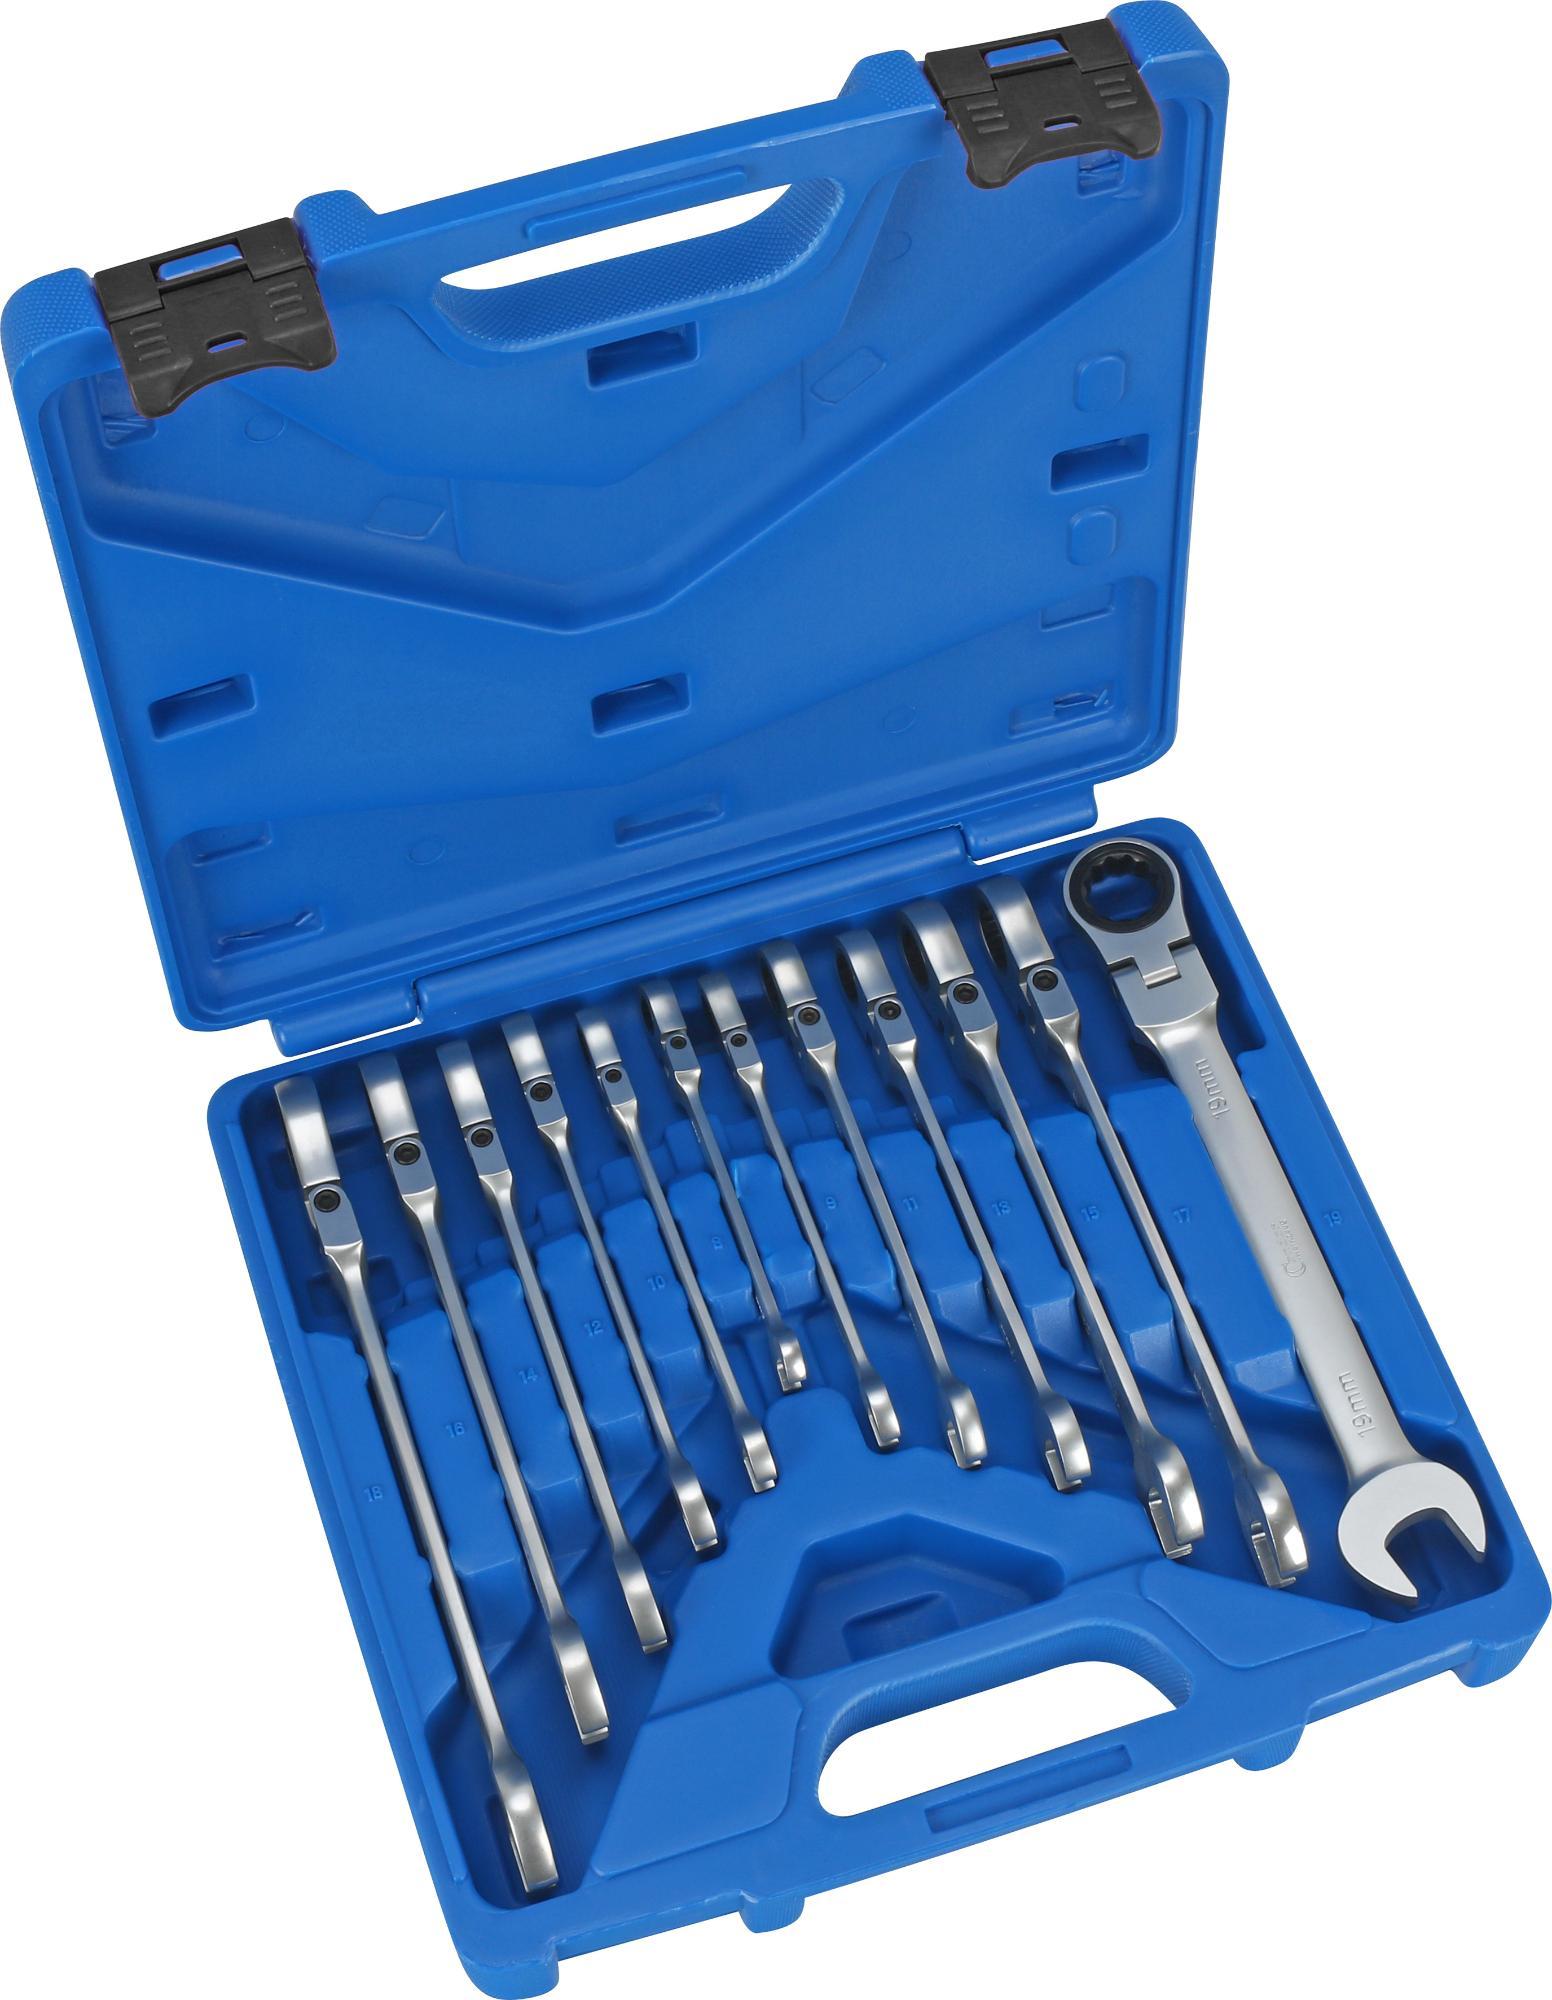 X Račňový Sada kľúčov vidlica-vidlica, 8-dielna., Gelenk, 8-19 mm X vyradené